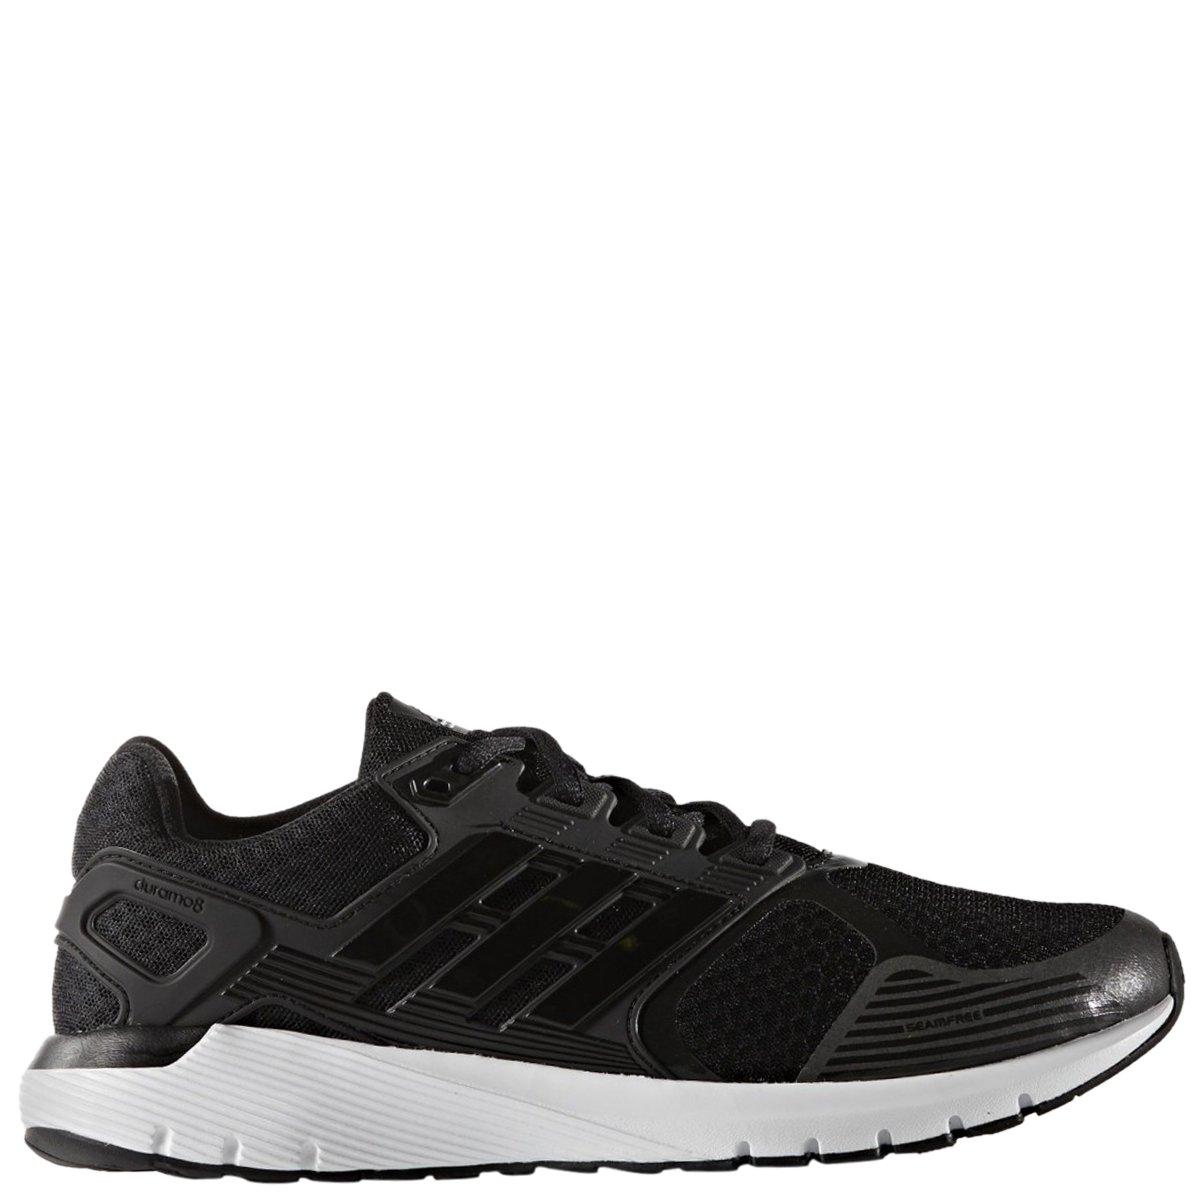 9522599c4 Bizz Store - Tênis Masculino Adidas Duramo 8 Corrida Preto